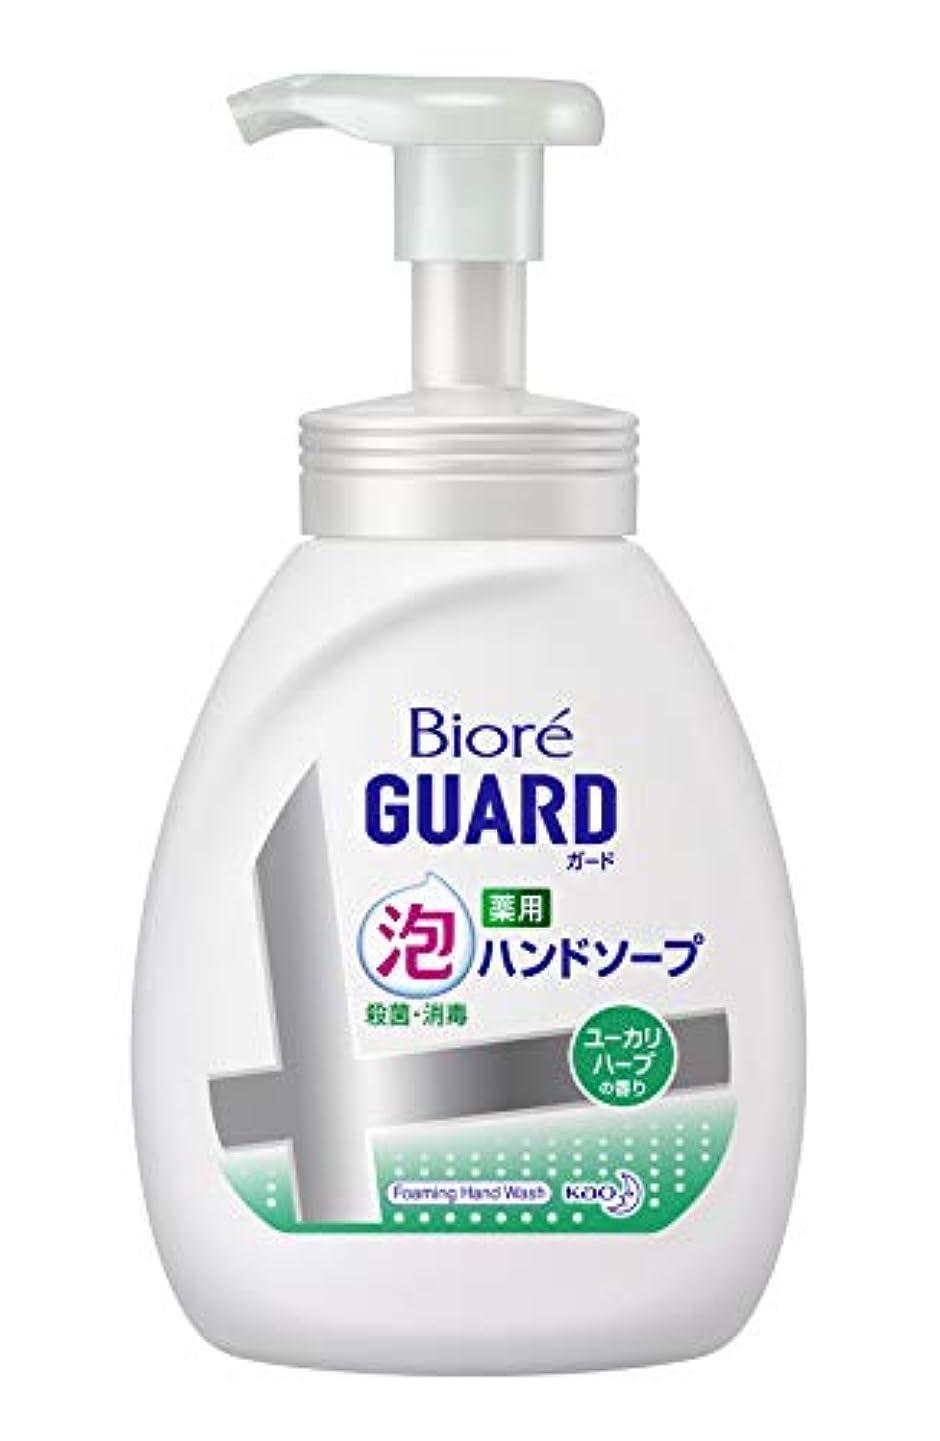 プールハブ待つ【大容量】 ビオレガード薬用泡ハンドソープ ユーカリハーブの香り ポンプ 500ml